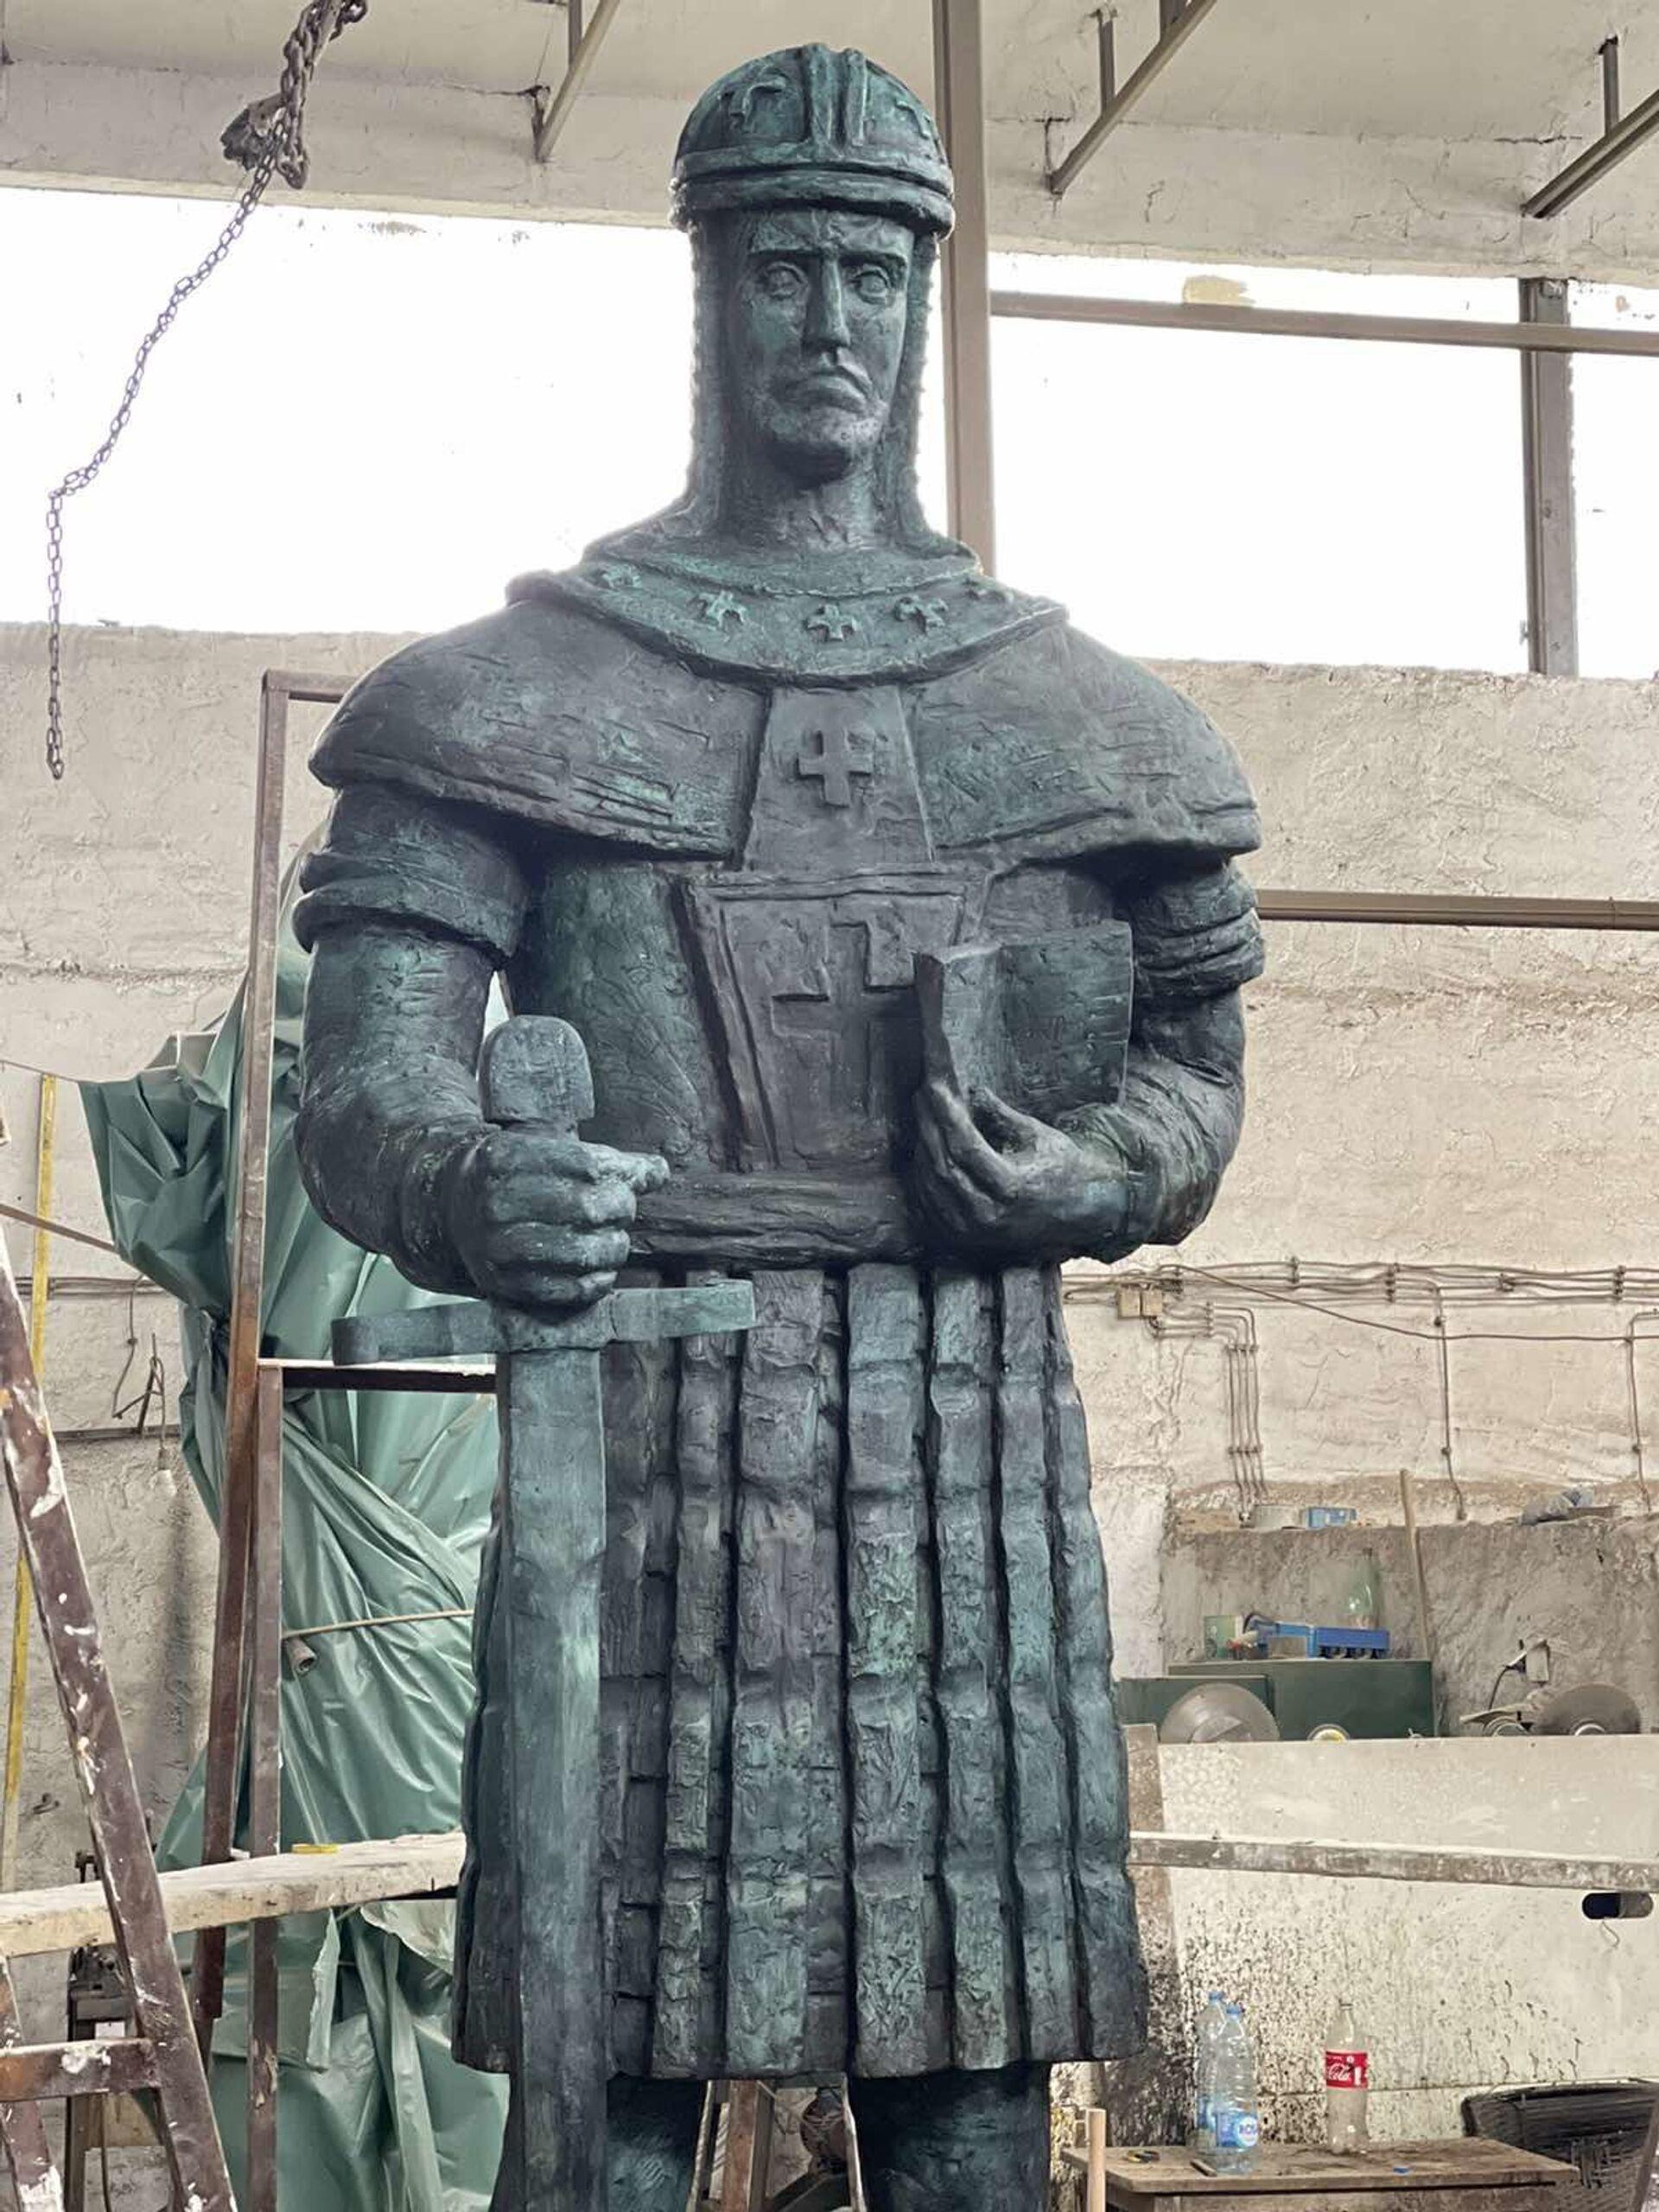 Ексклузивно: Овако изгледа споменик деспоту Стефану Лазаревићу који ће бити постављен у Београду - Sputnik Србија, 1920, 16.04.2021